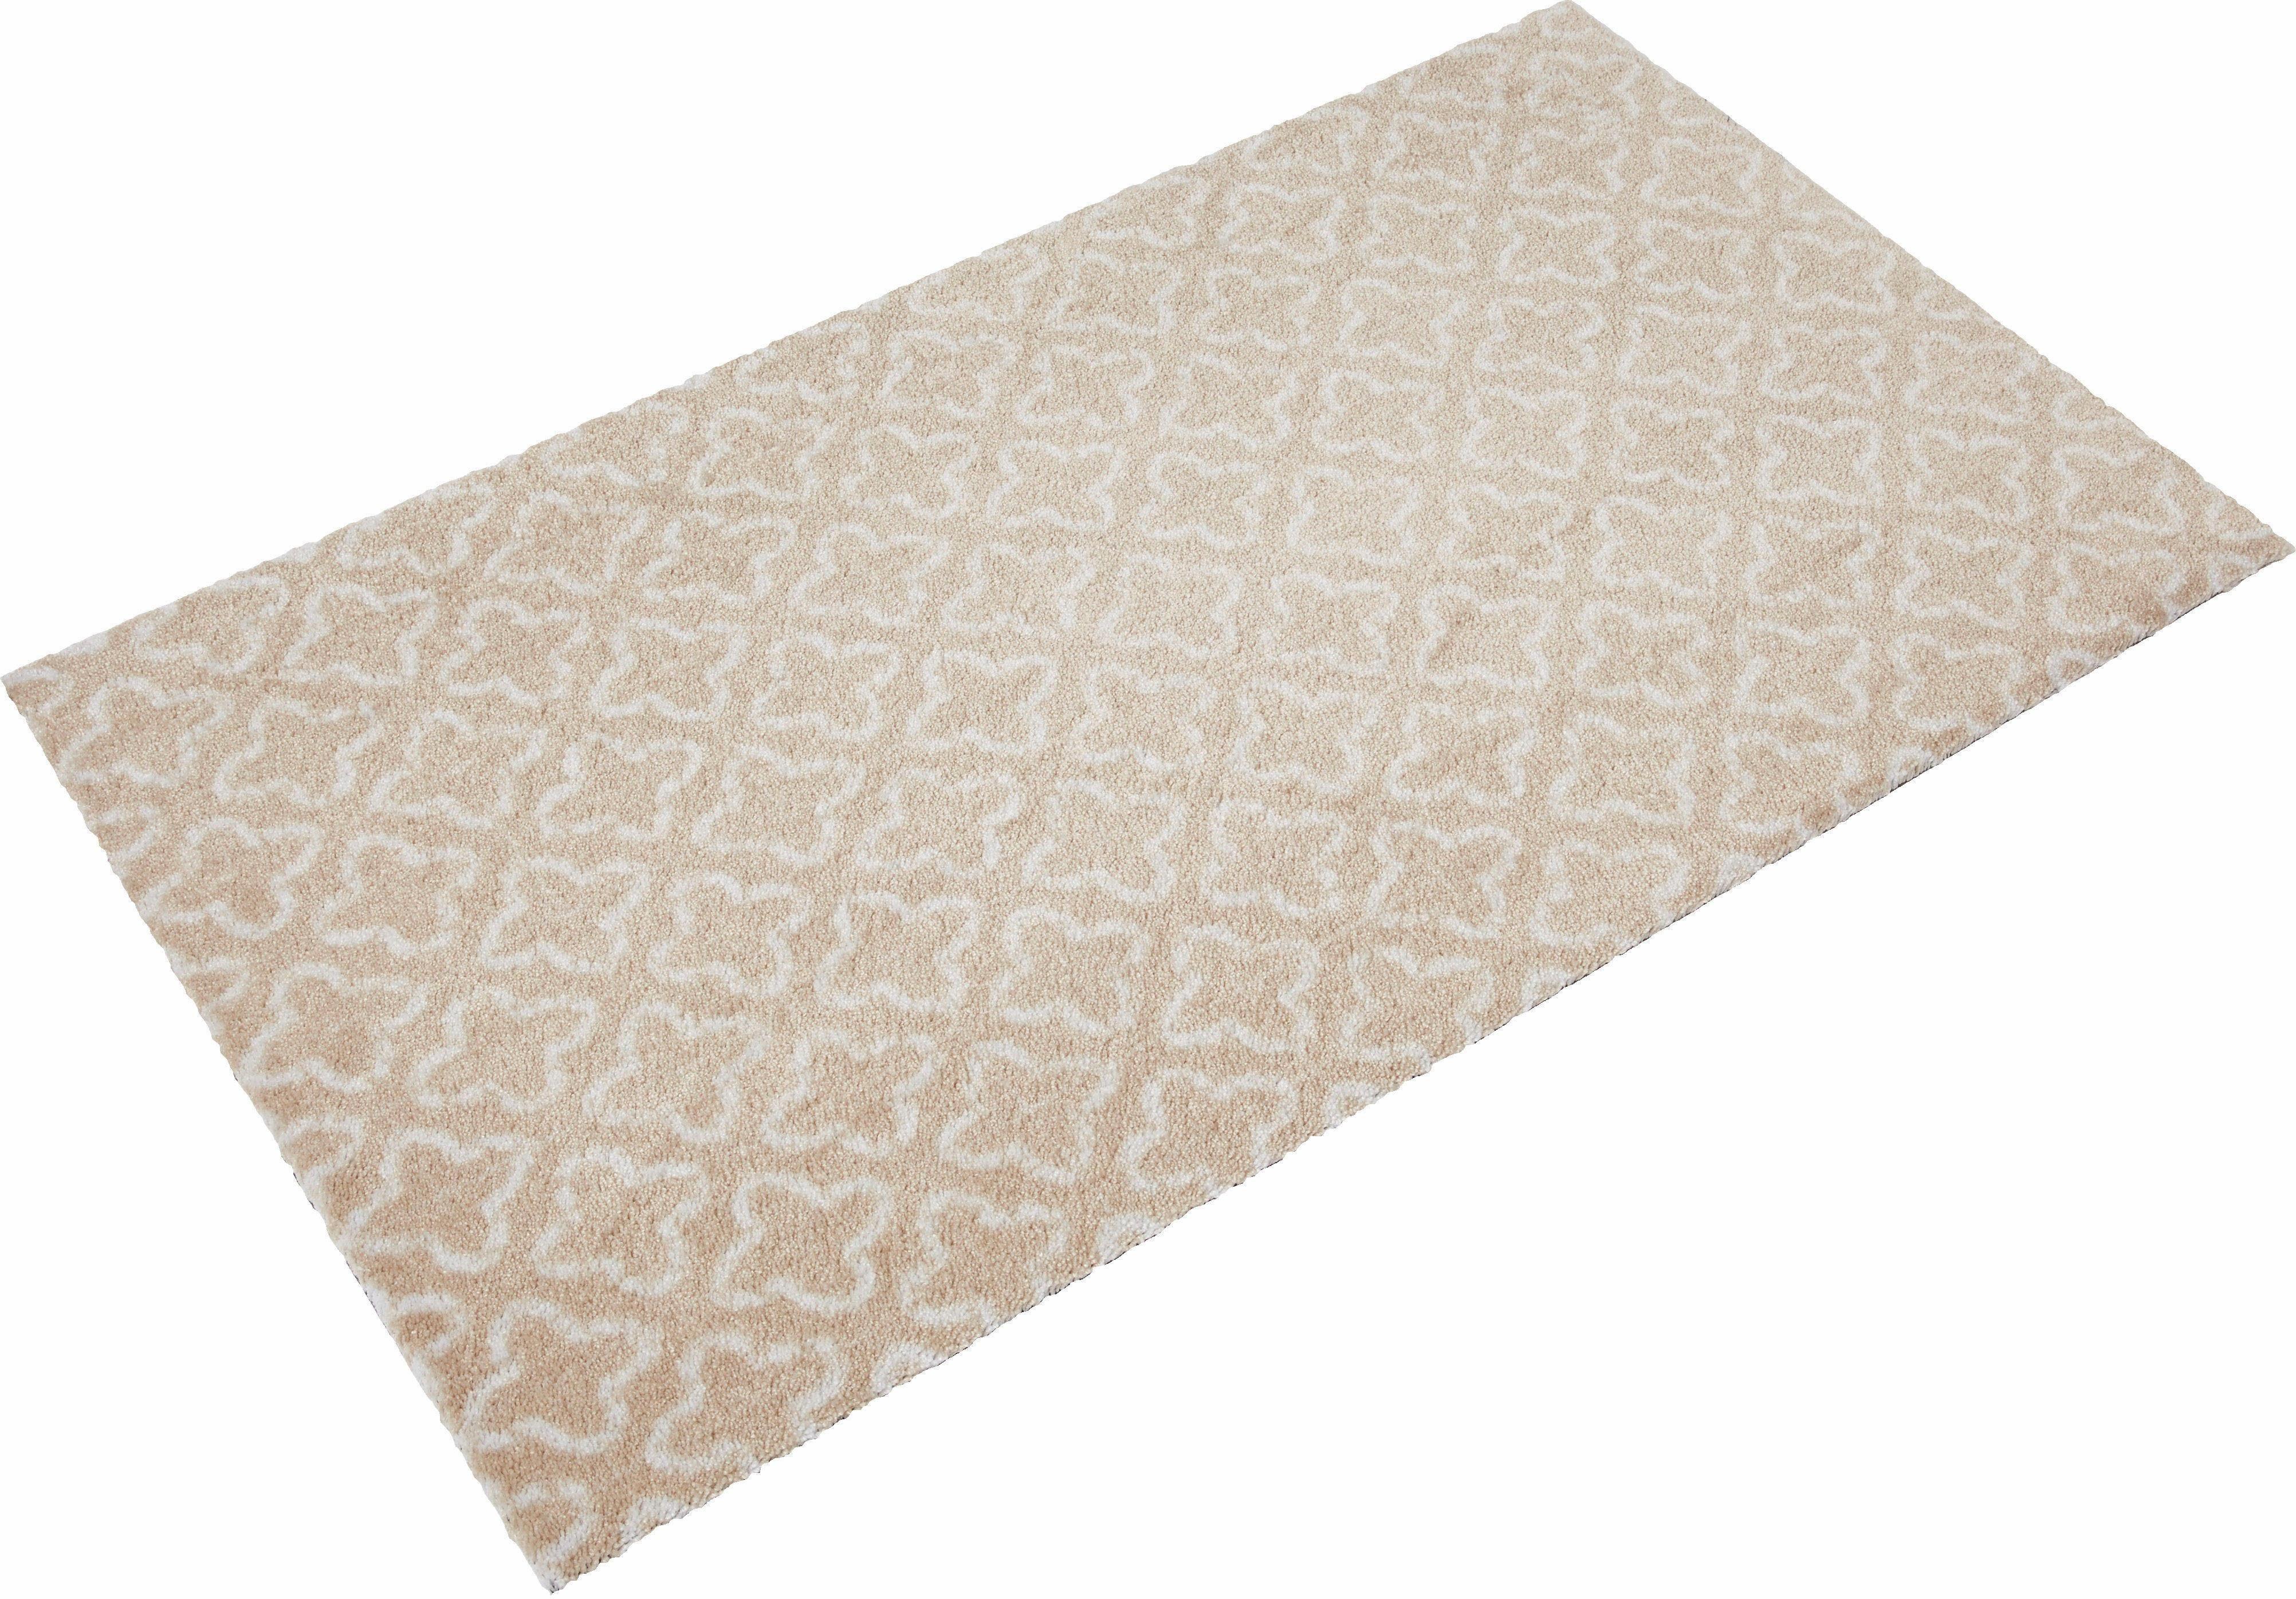 Teppich »Thierry«, Mad about Mats, rechteckig, Höhe 9 mm, waschbar